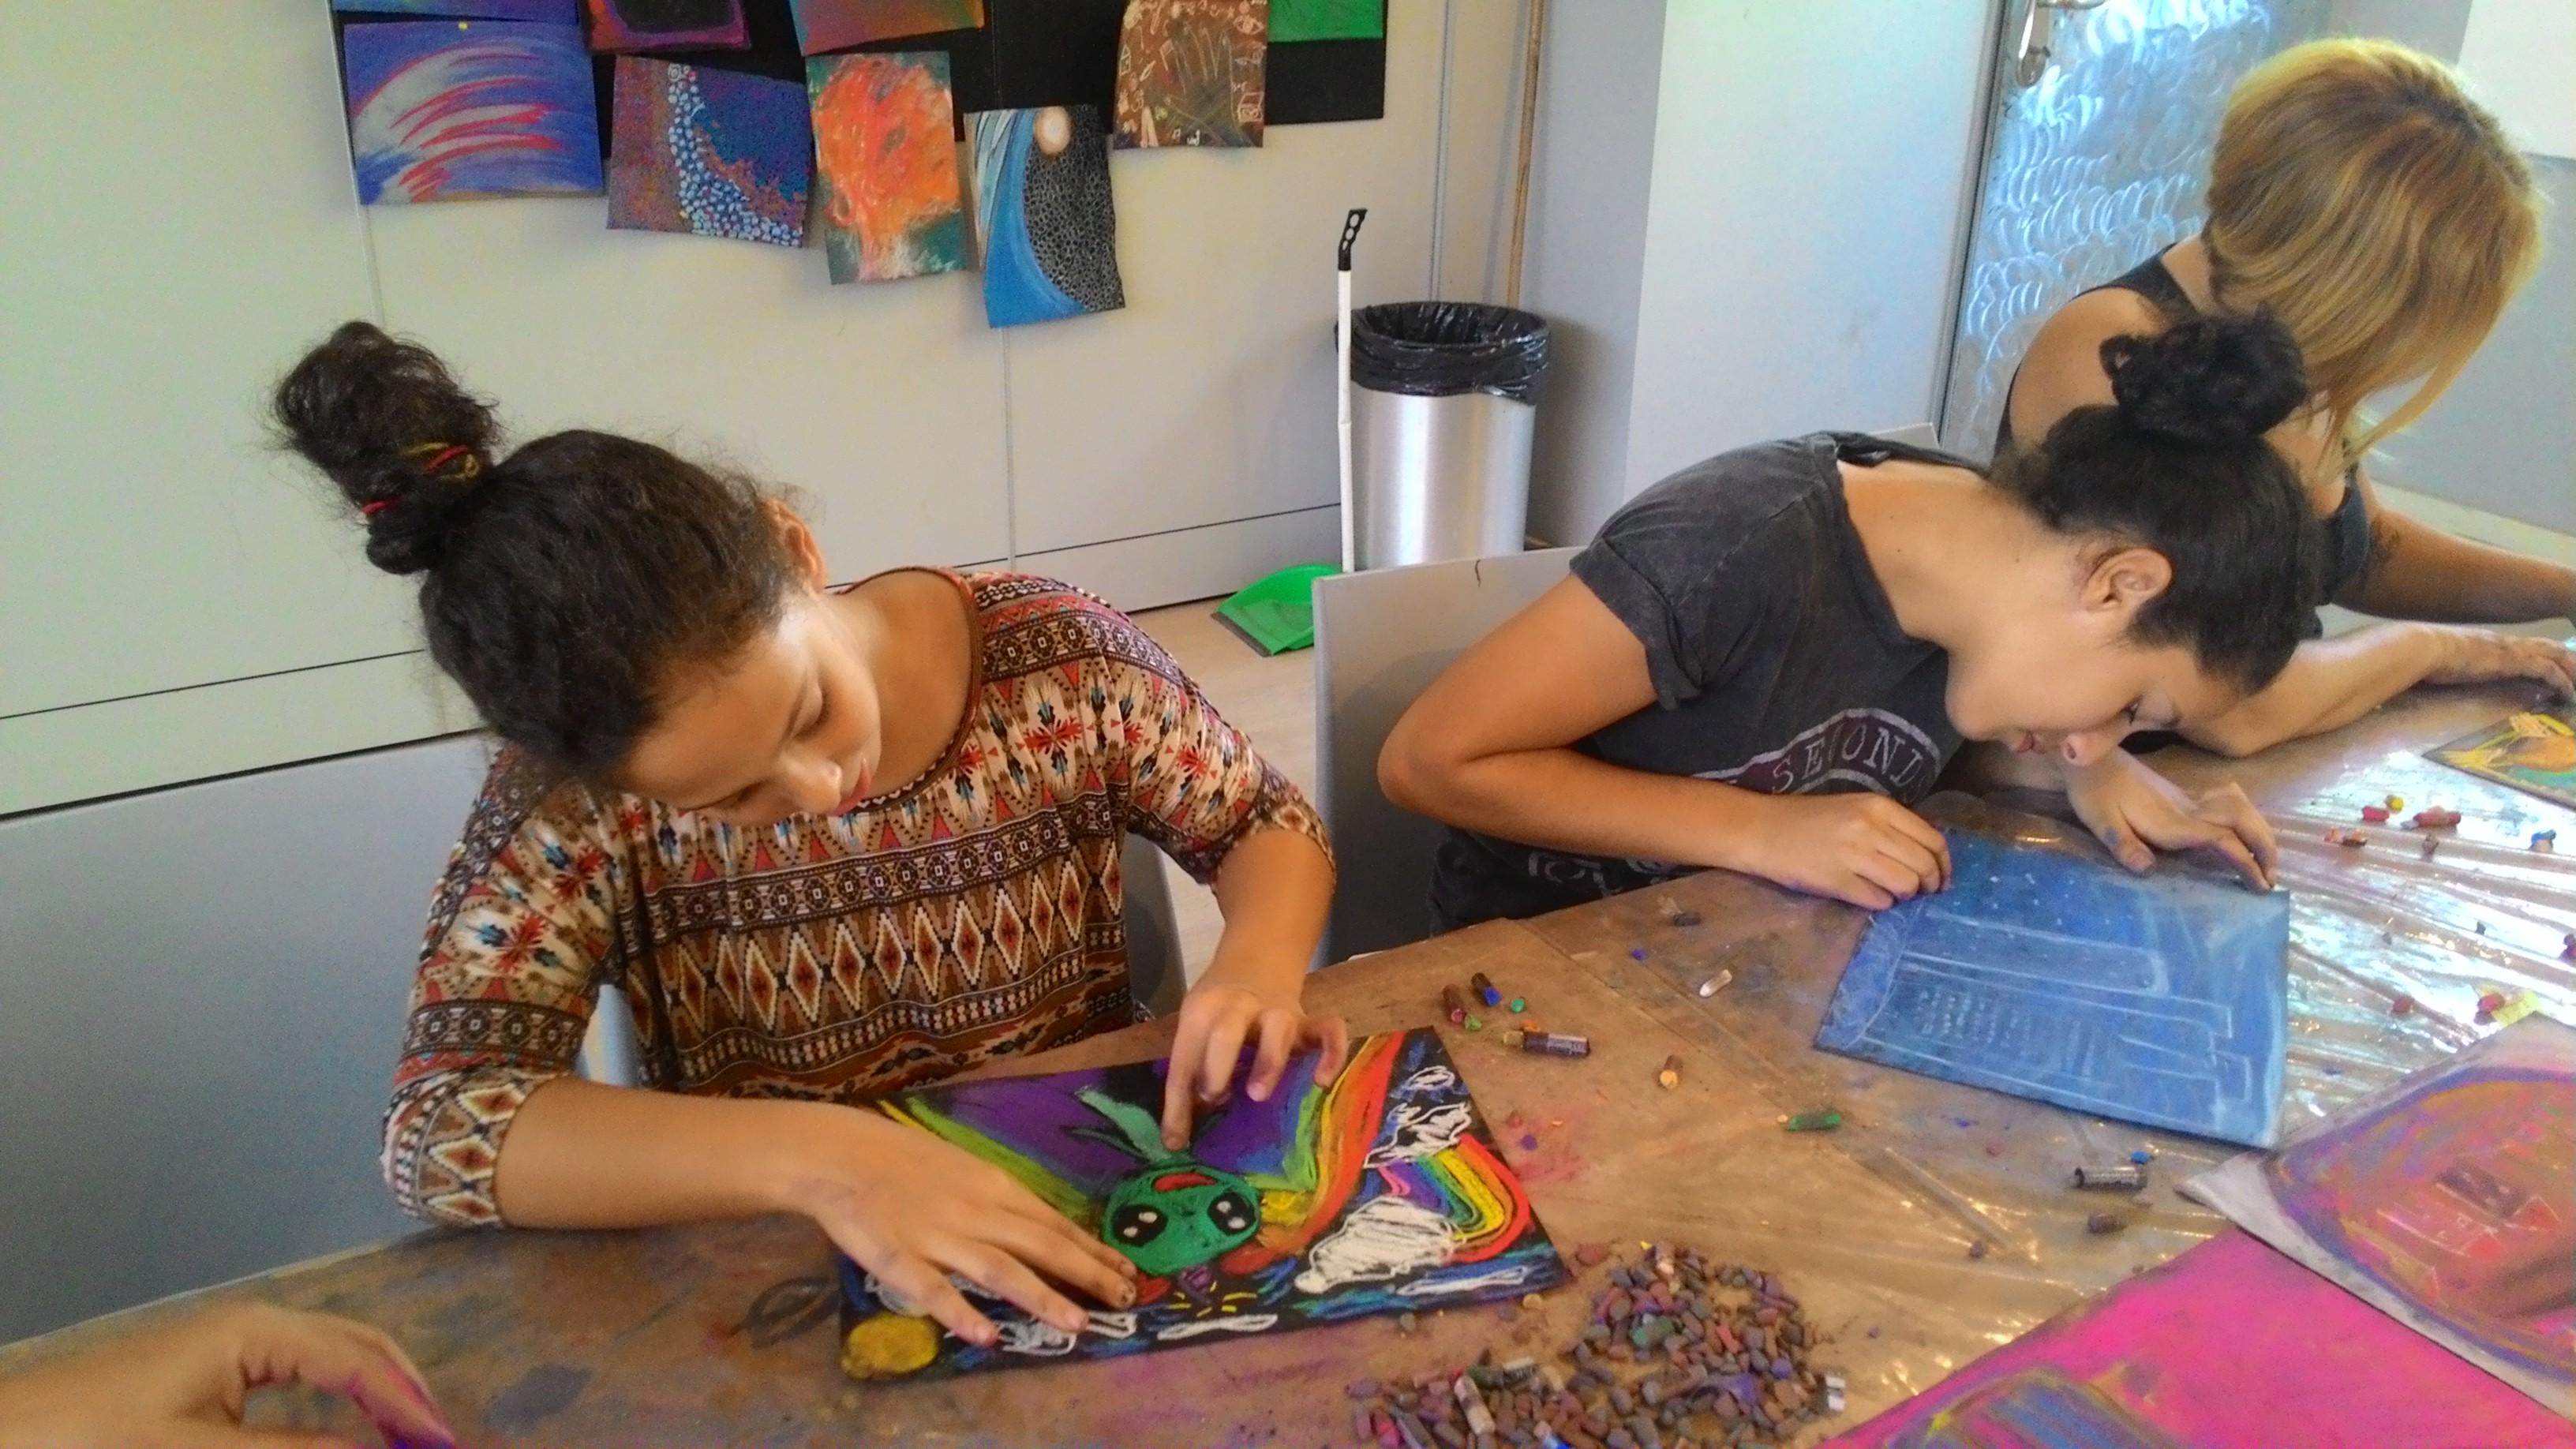 שתי אחיות מציירות ציור אינטואיטיבי